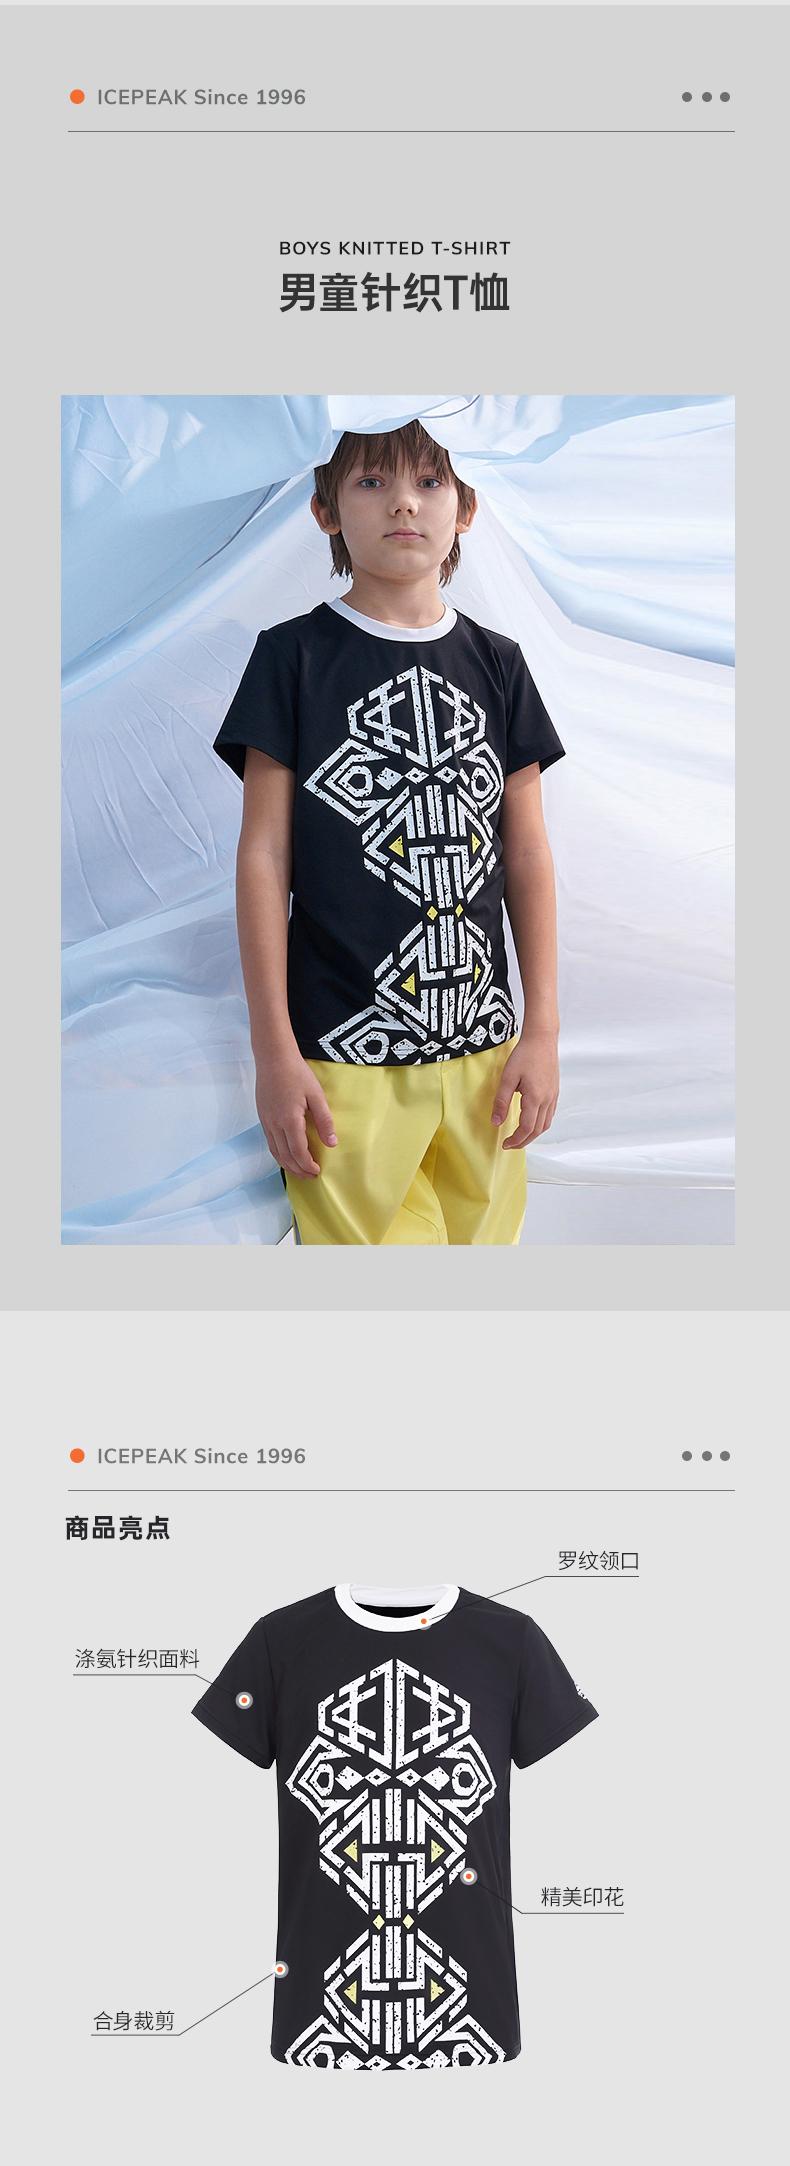 芬兰最大户外品牌之一 艾斯匹克 icepeak  男女/儿童 休闲印花速干T恤 图12